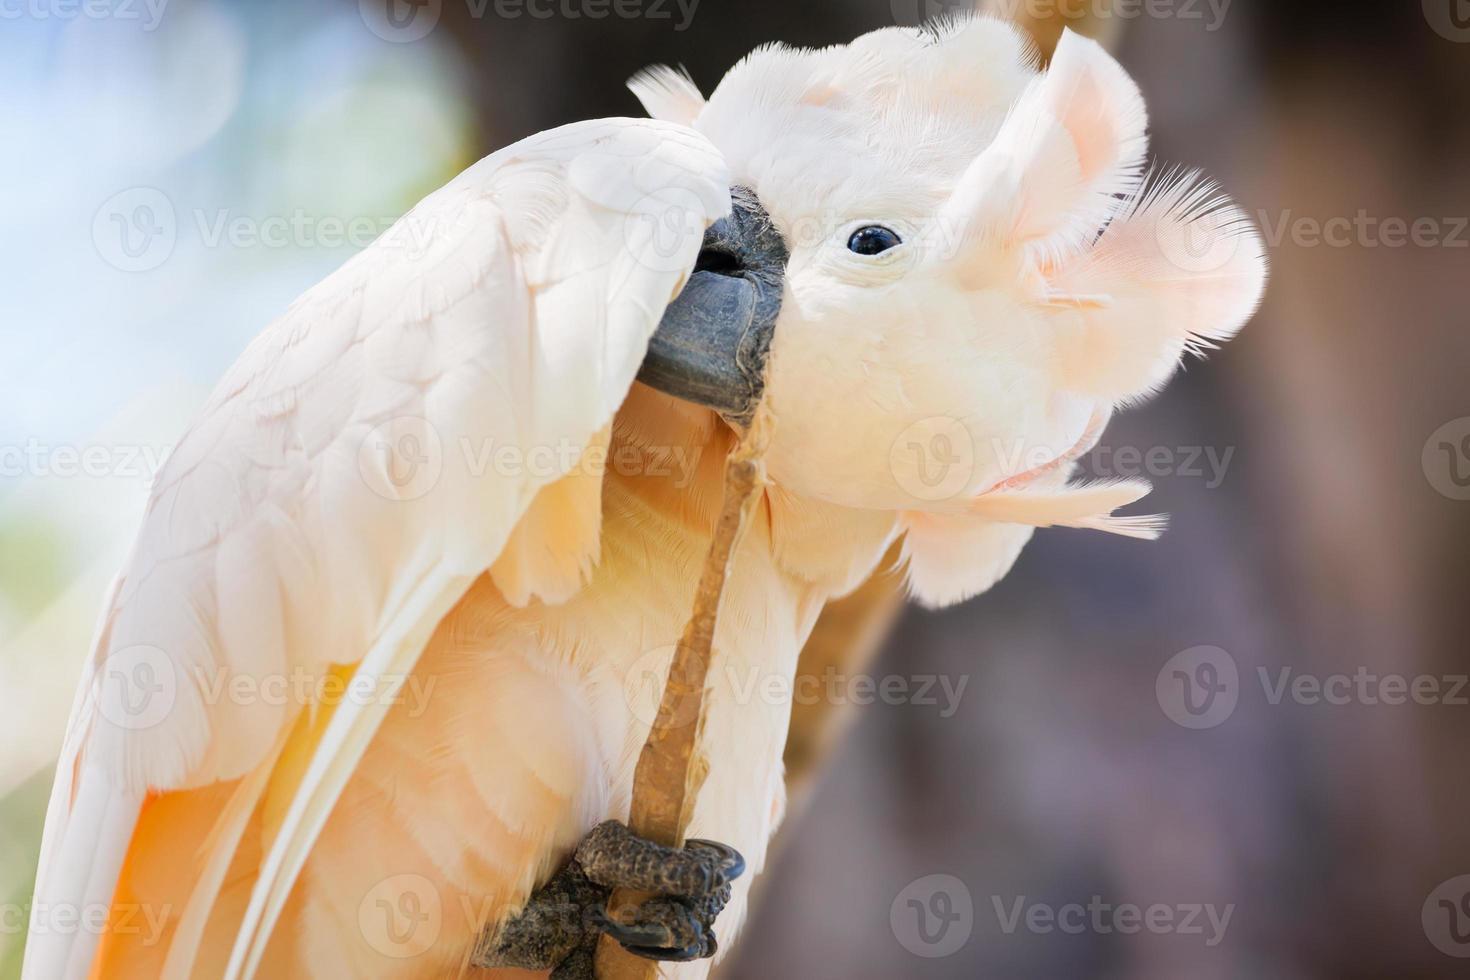 cacatúa de color blanco cremoso foto